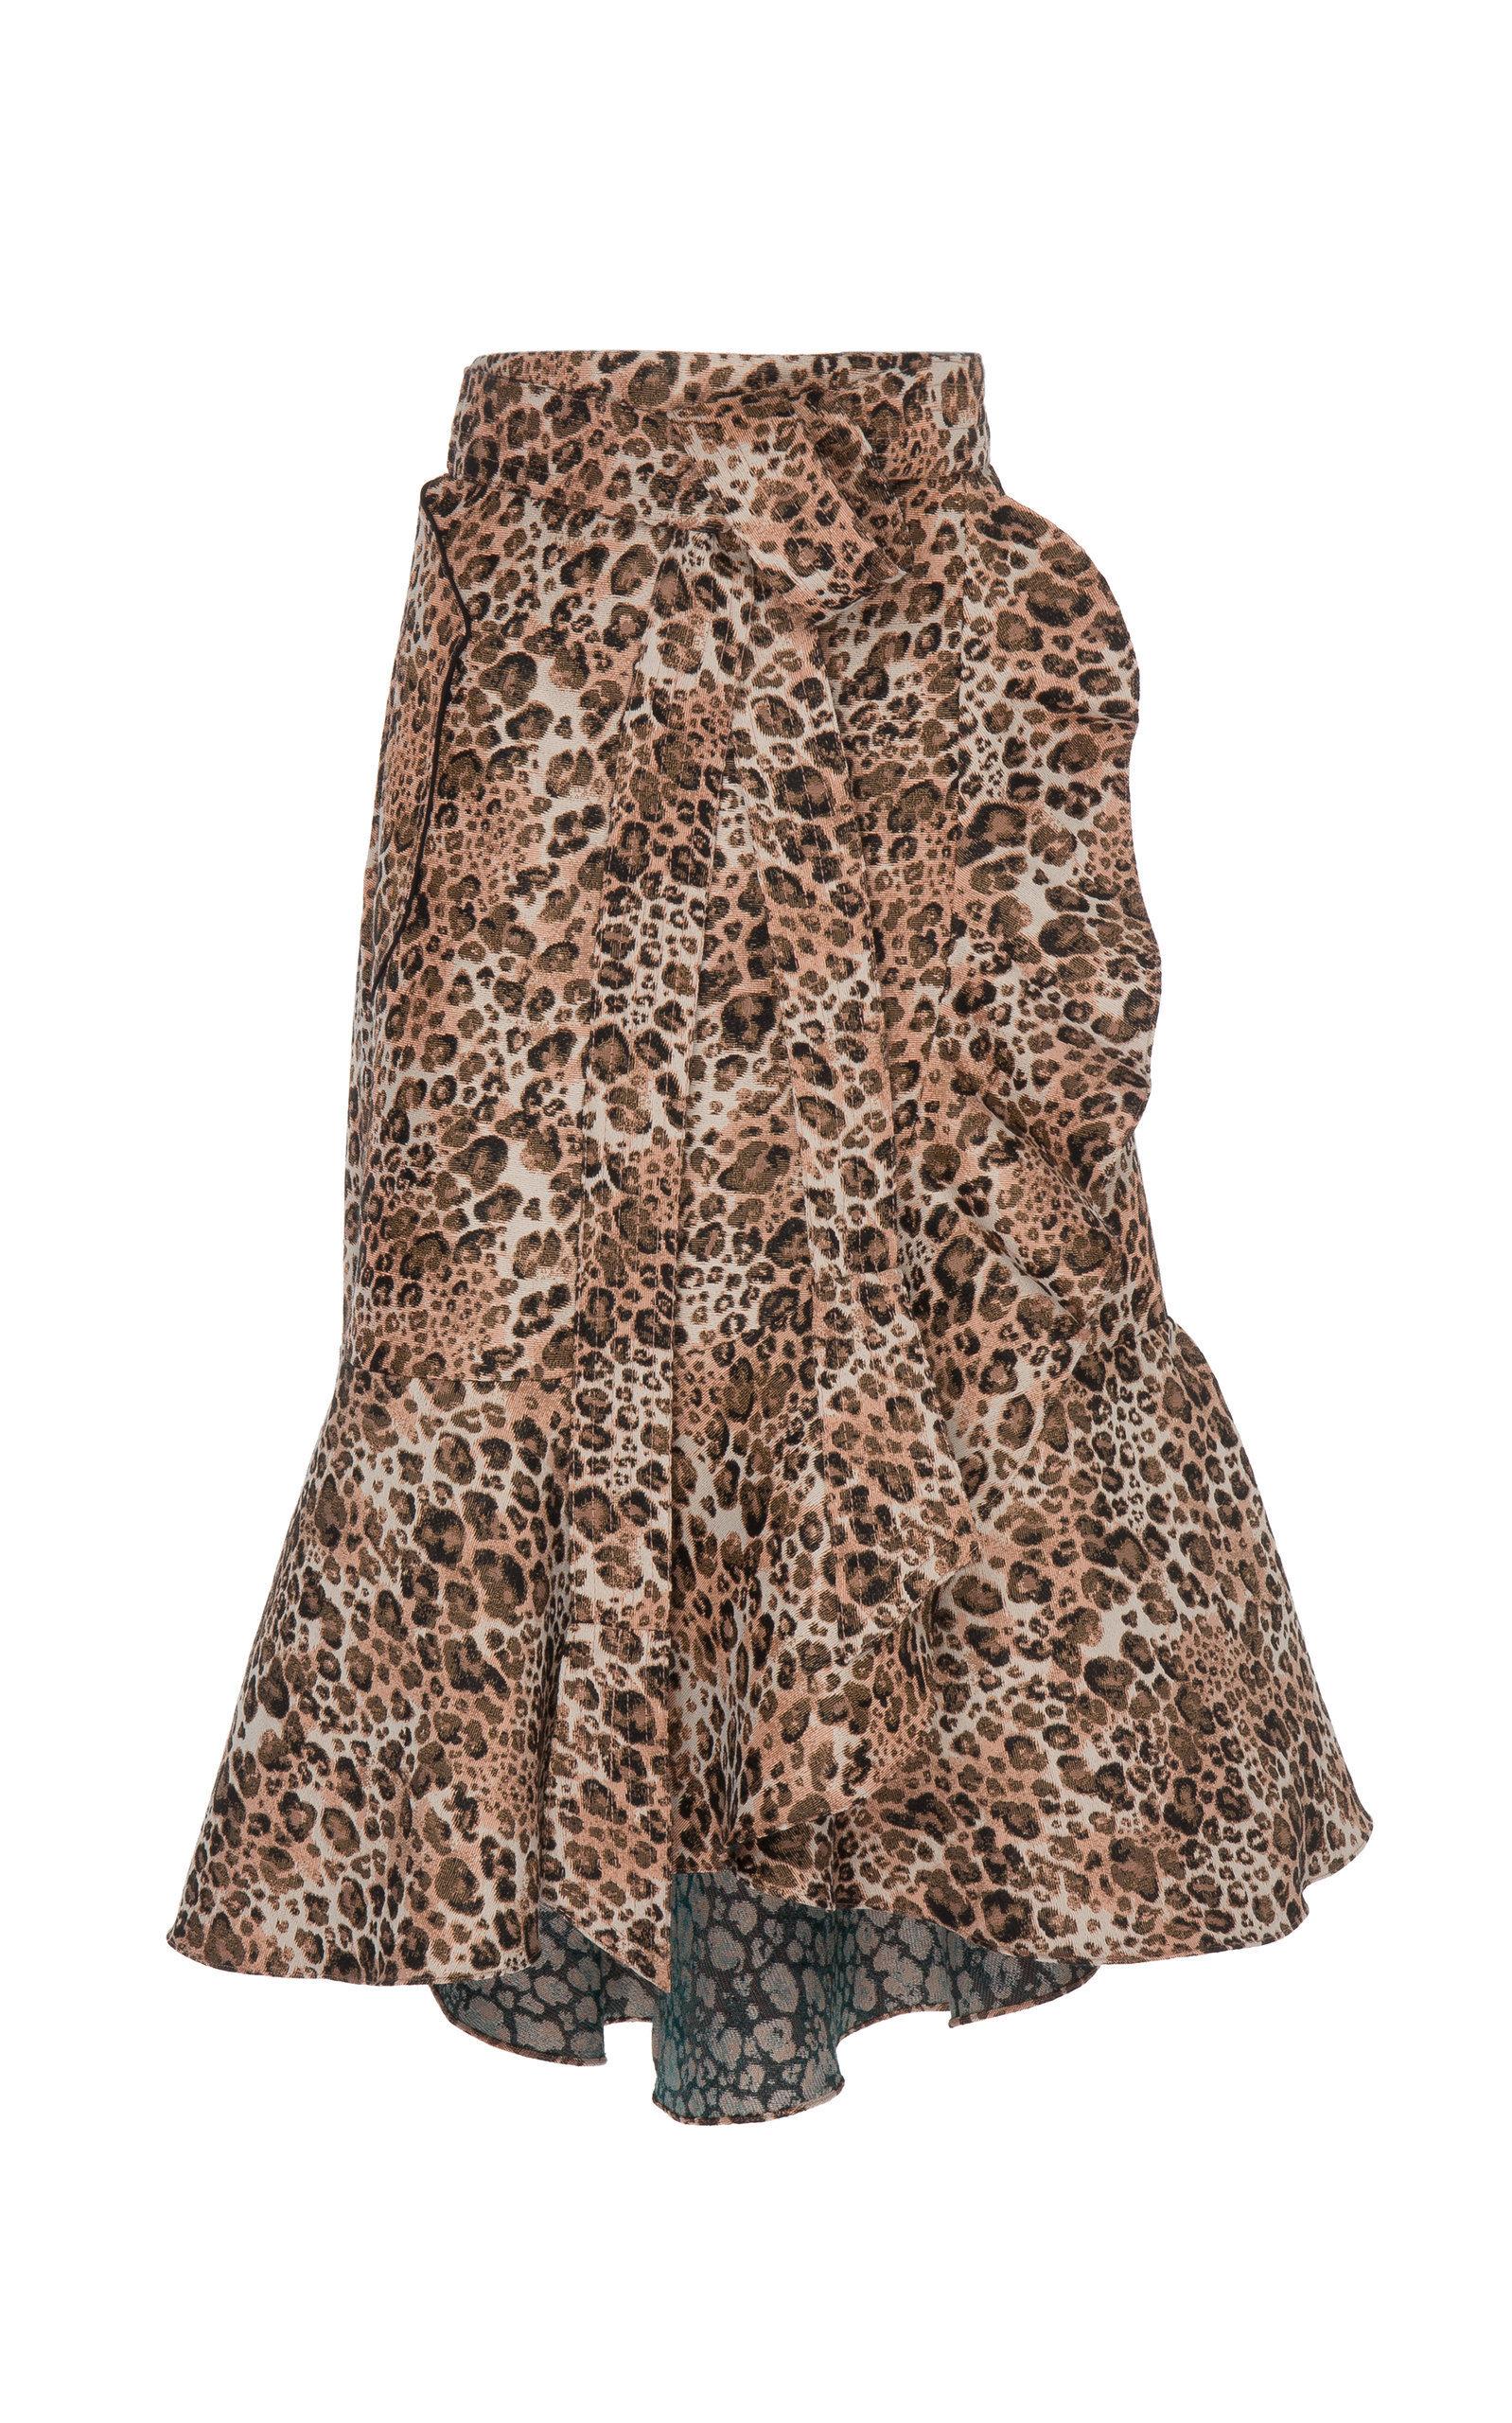 Cynical Attitude Printed Crepe Wrap Skirt | $1,350